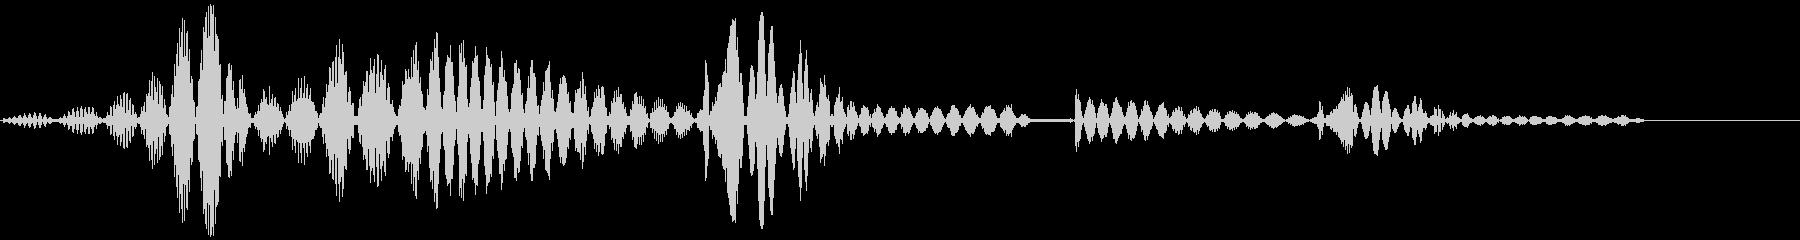 ニュッと何かを取り出す(跳ねる音など)の未再生の波形